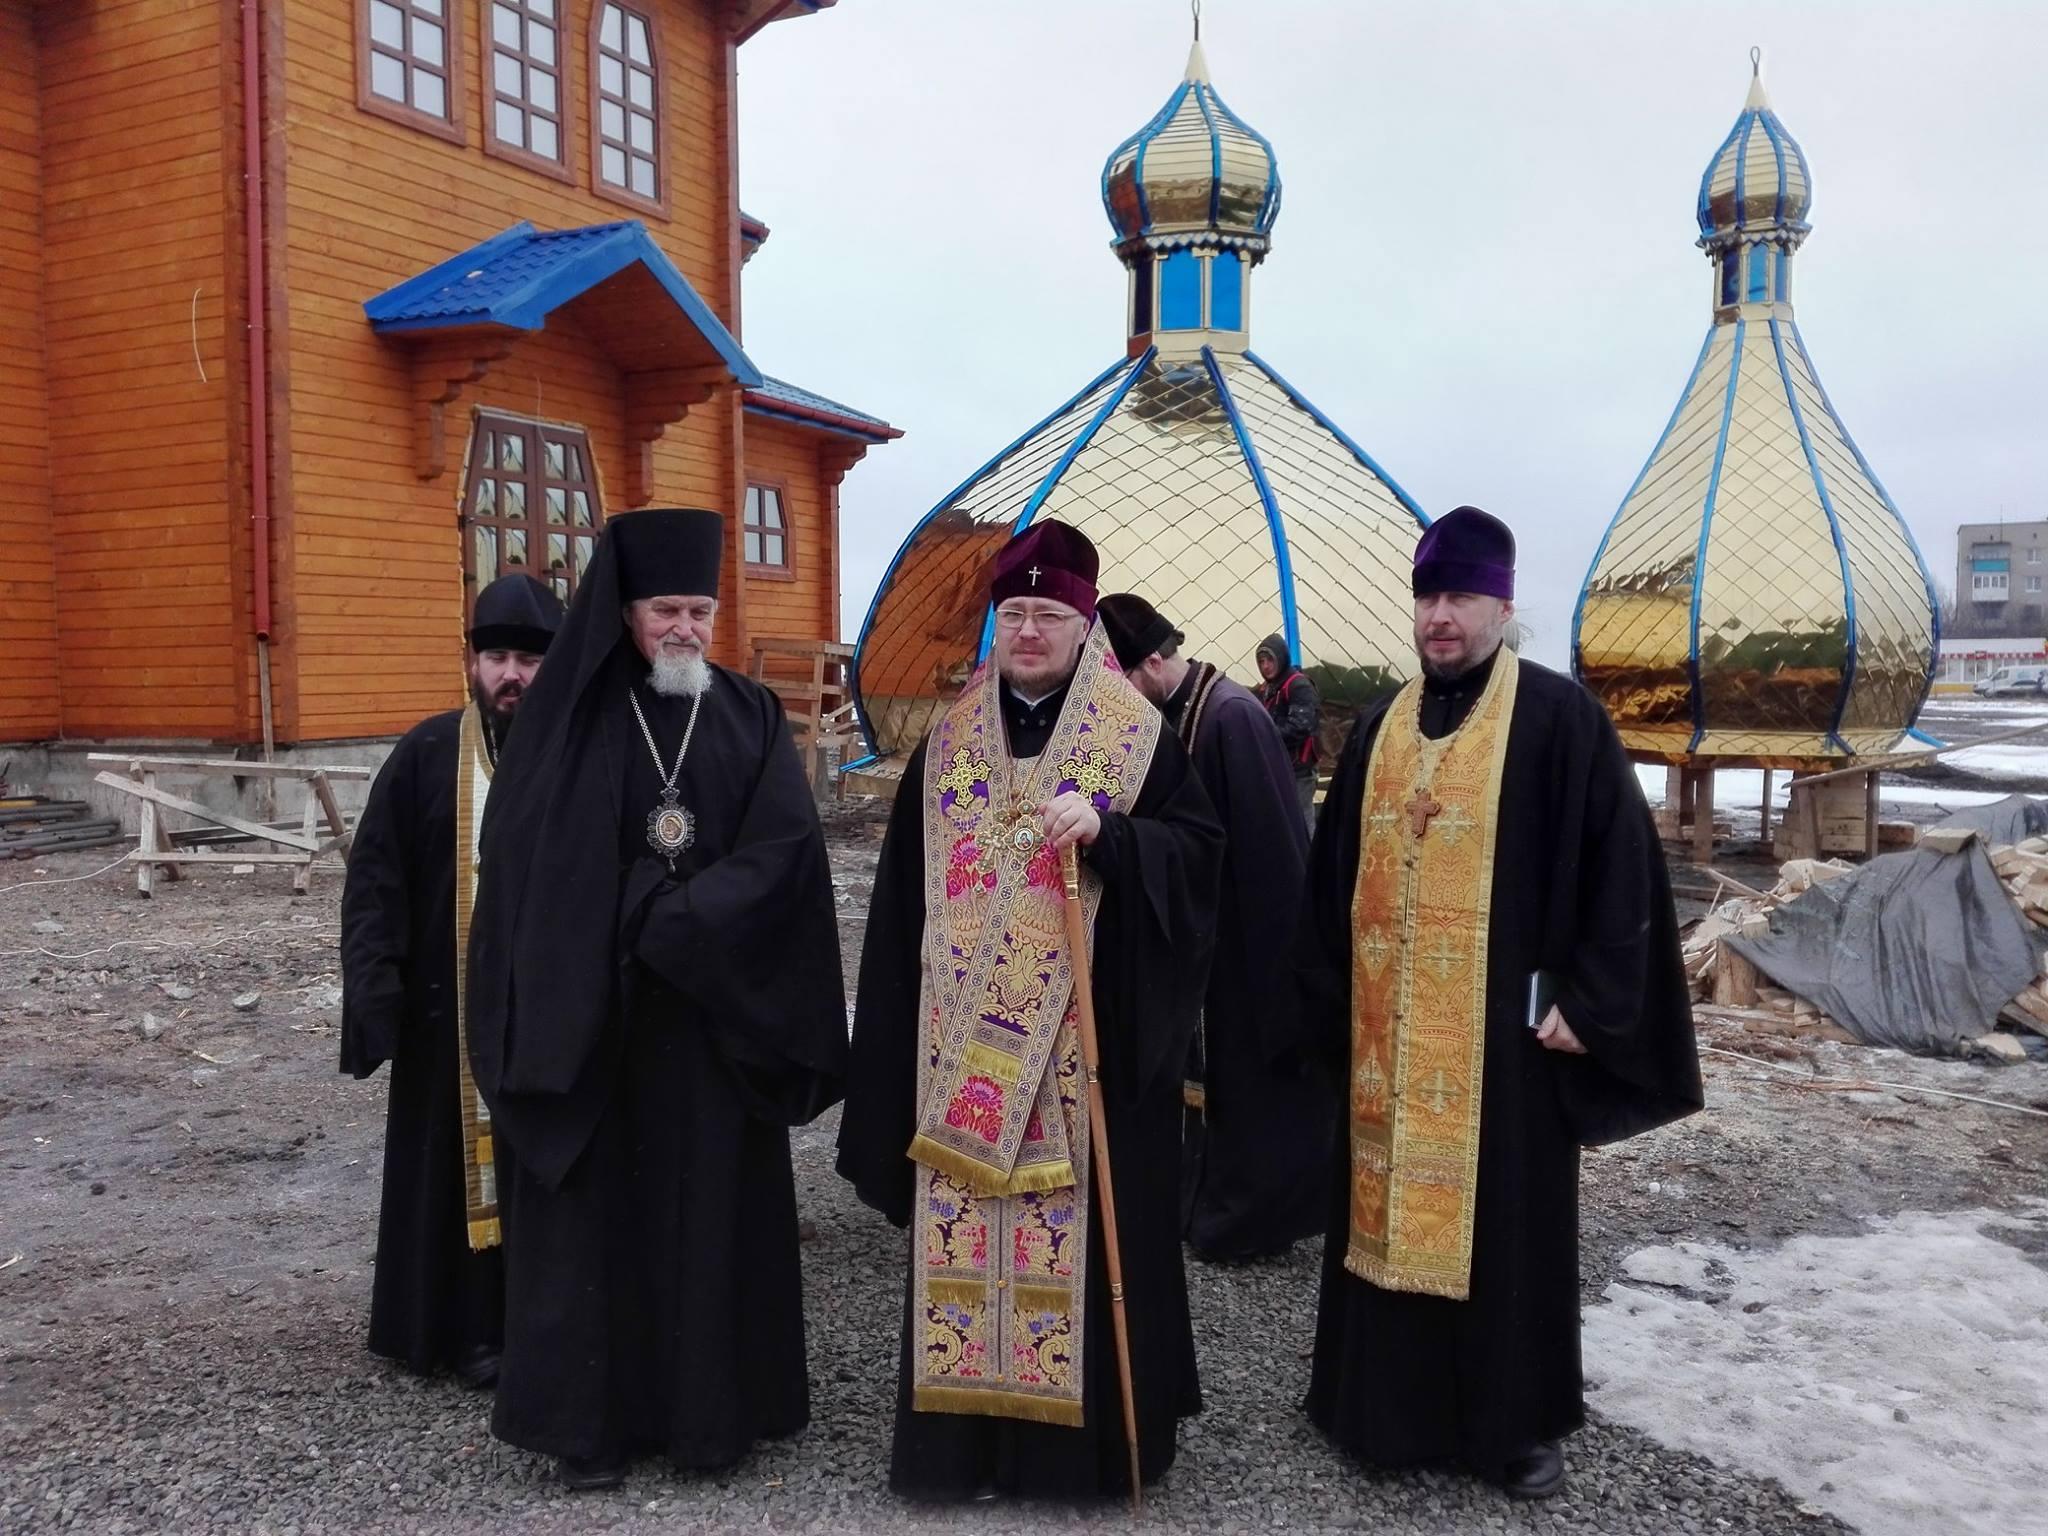 УПЦ КП освятила на Донеччині куполи нового храму, а в столиці змагається за храм на Рівненщині